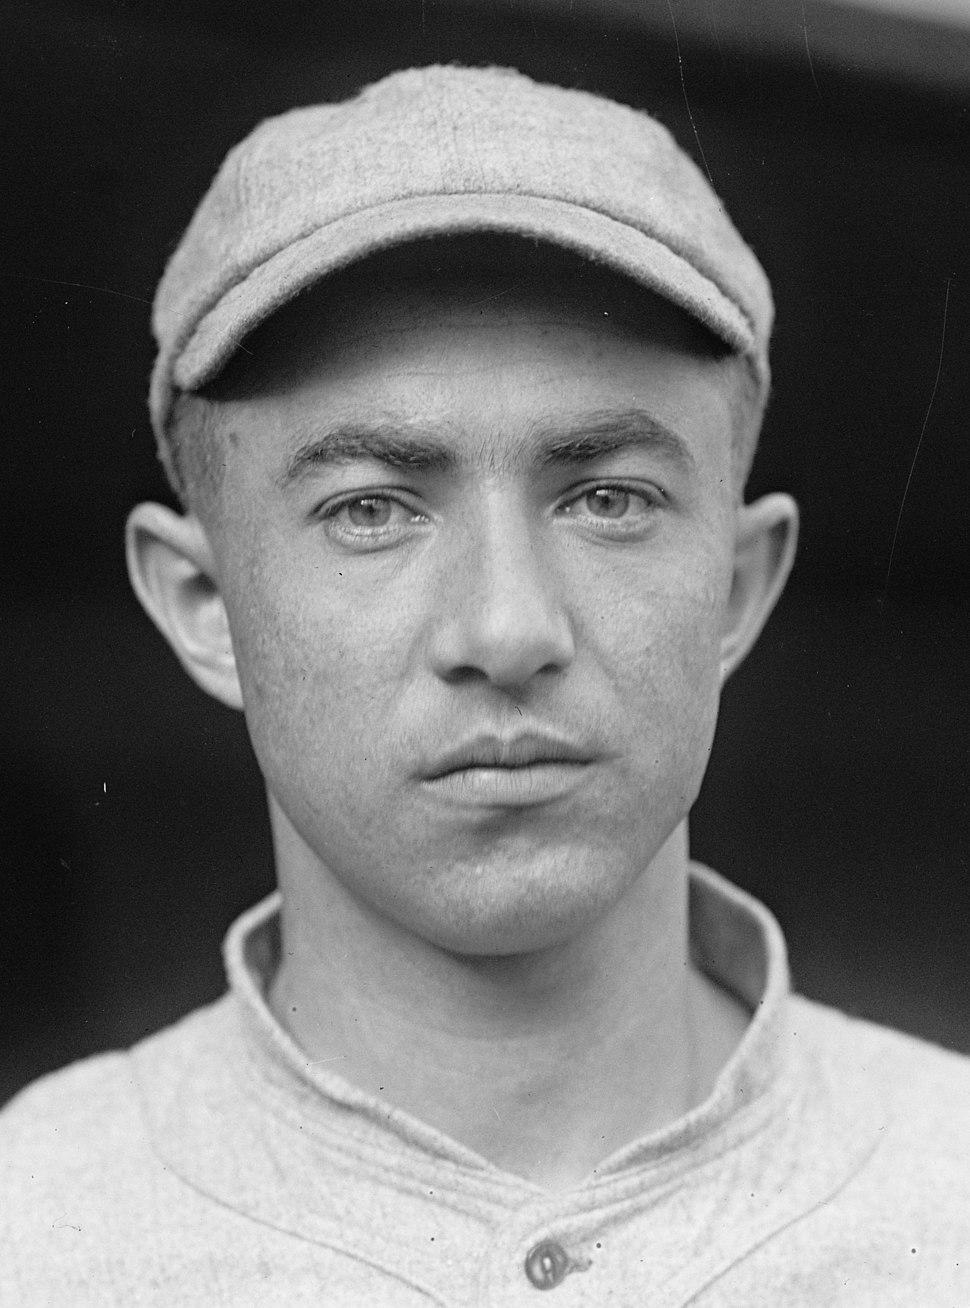 Everett Scott 1915 headshot